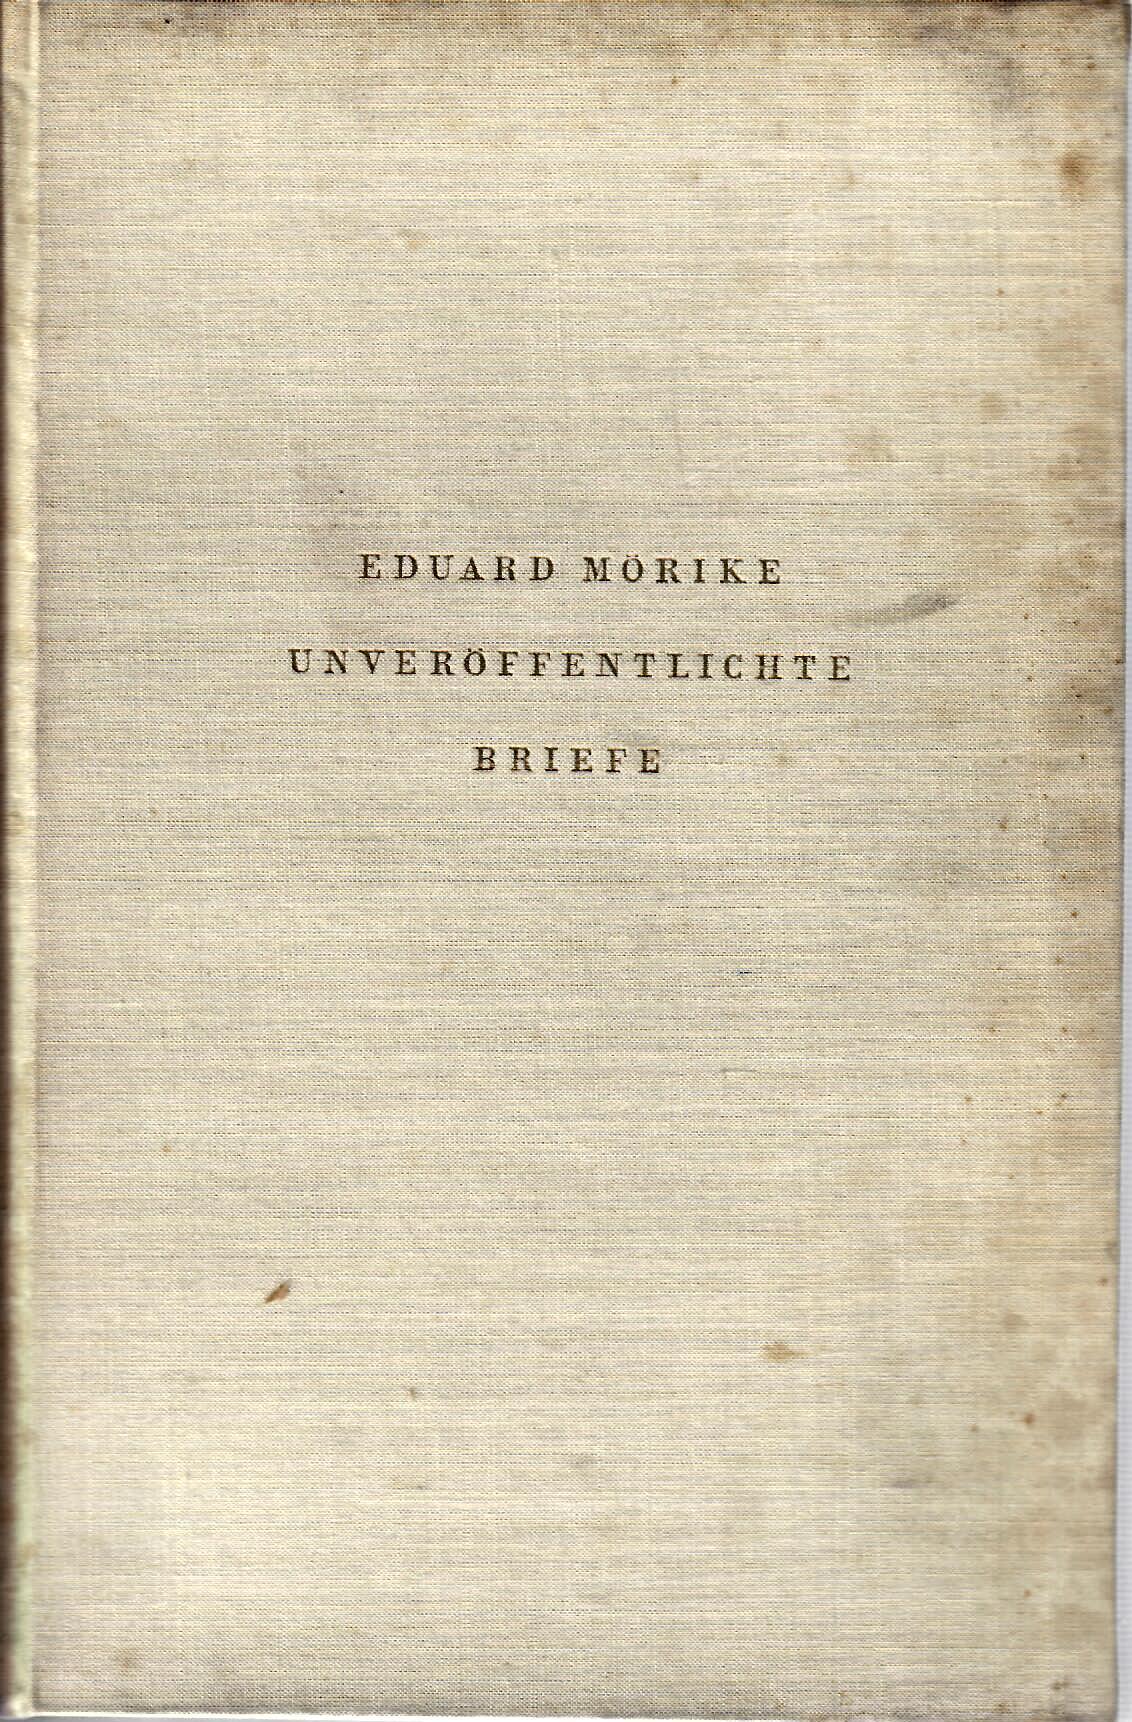 Unveröffentlichte Briefe : Eduard Mörike : herausgegeben von Friedrich Seebaß erste Auflage :